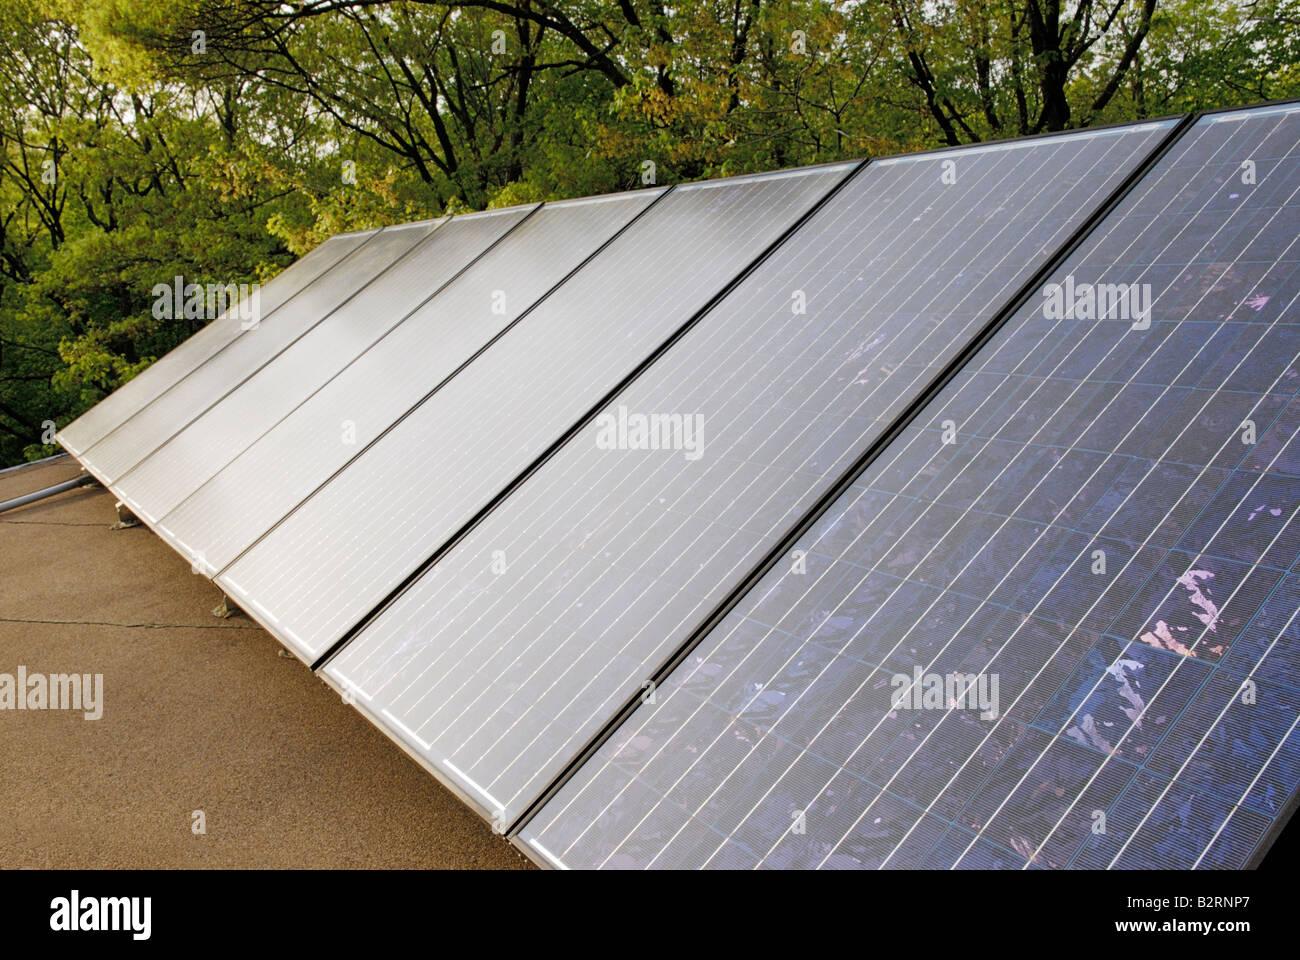 Paneles de energía solar fotovoltaica en el tejado de una casa Imagen De Stock